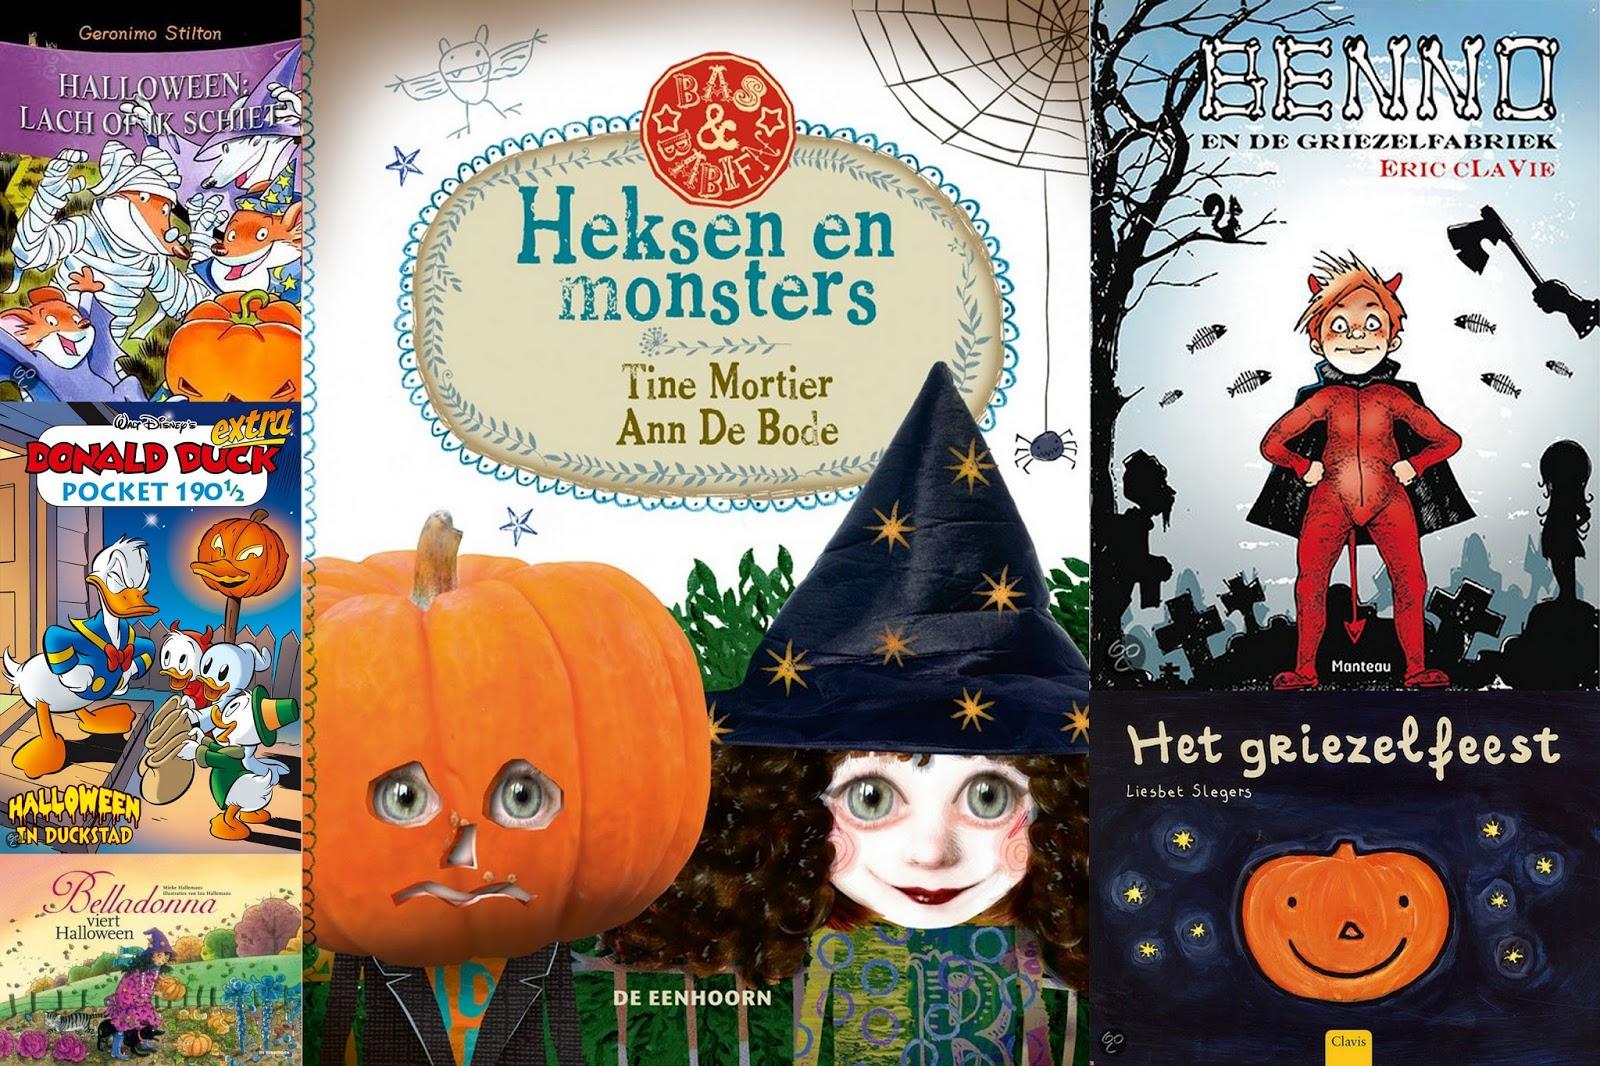 Halloween Feest Almere.Kinderen In Almere Lekker Griezelen En Pompoensoep Eten Met Halloween